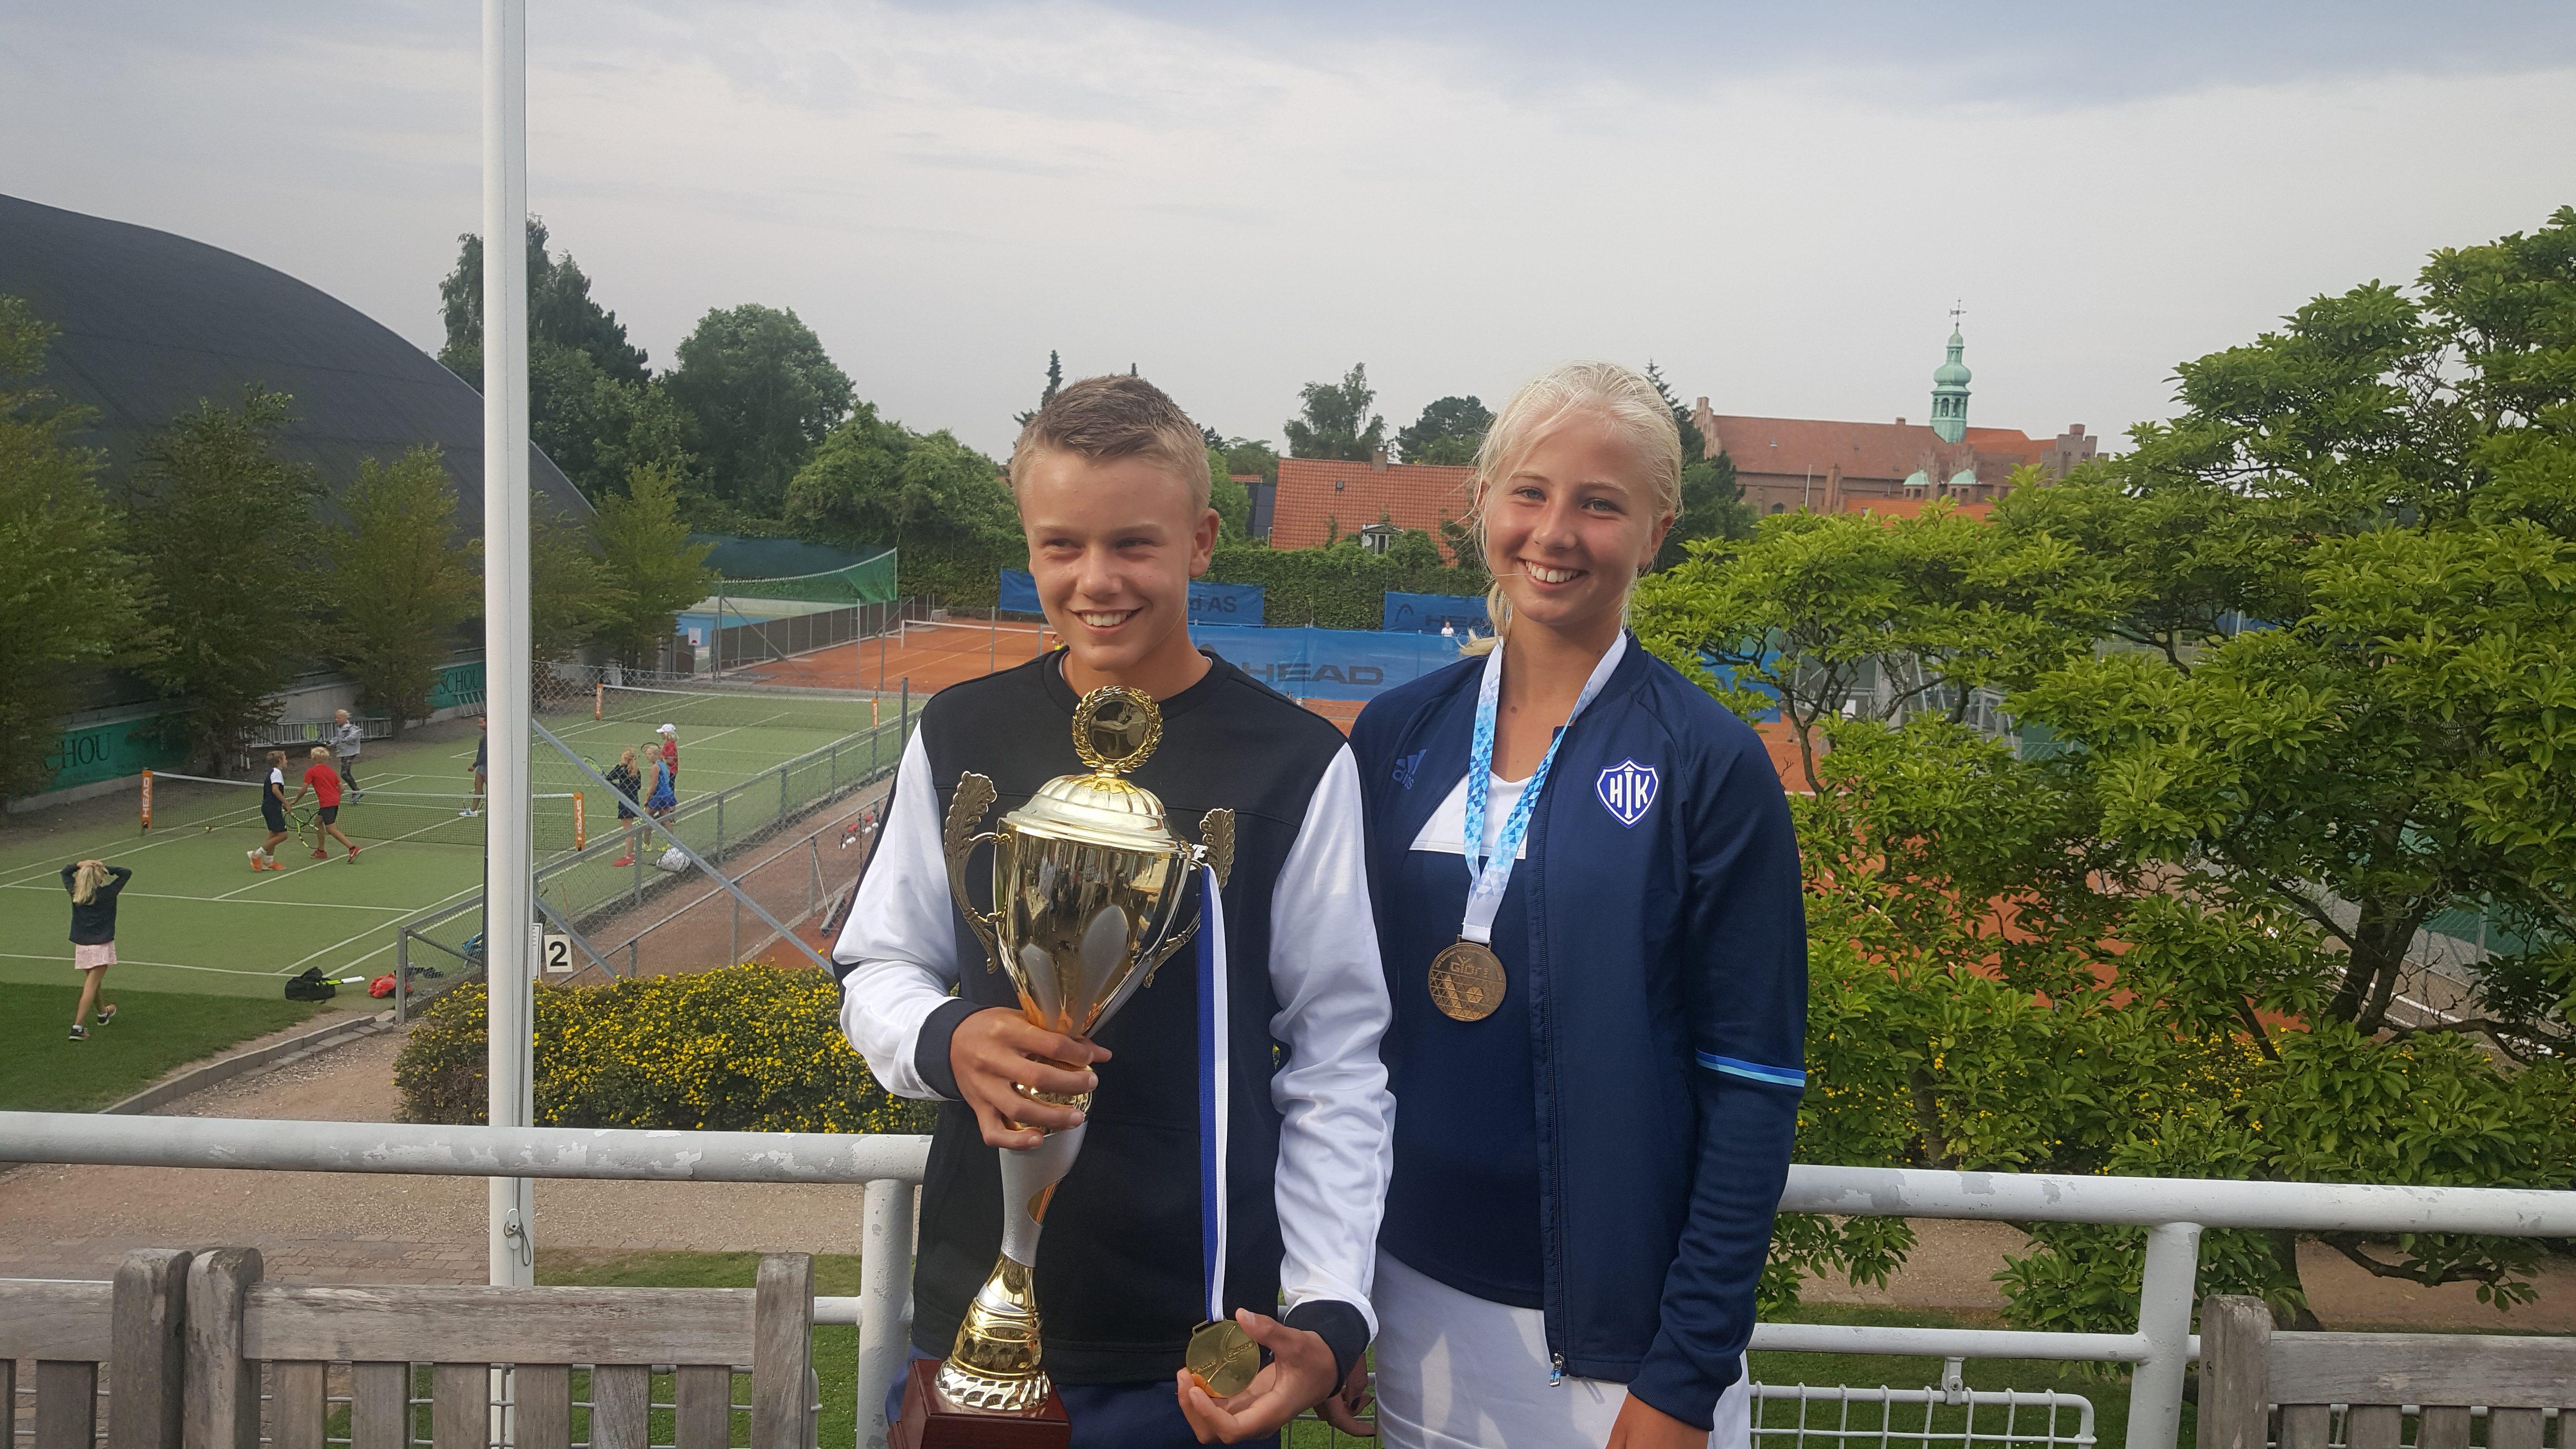 Holger Vitus Nødskov Rune, Clara Tauson